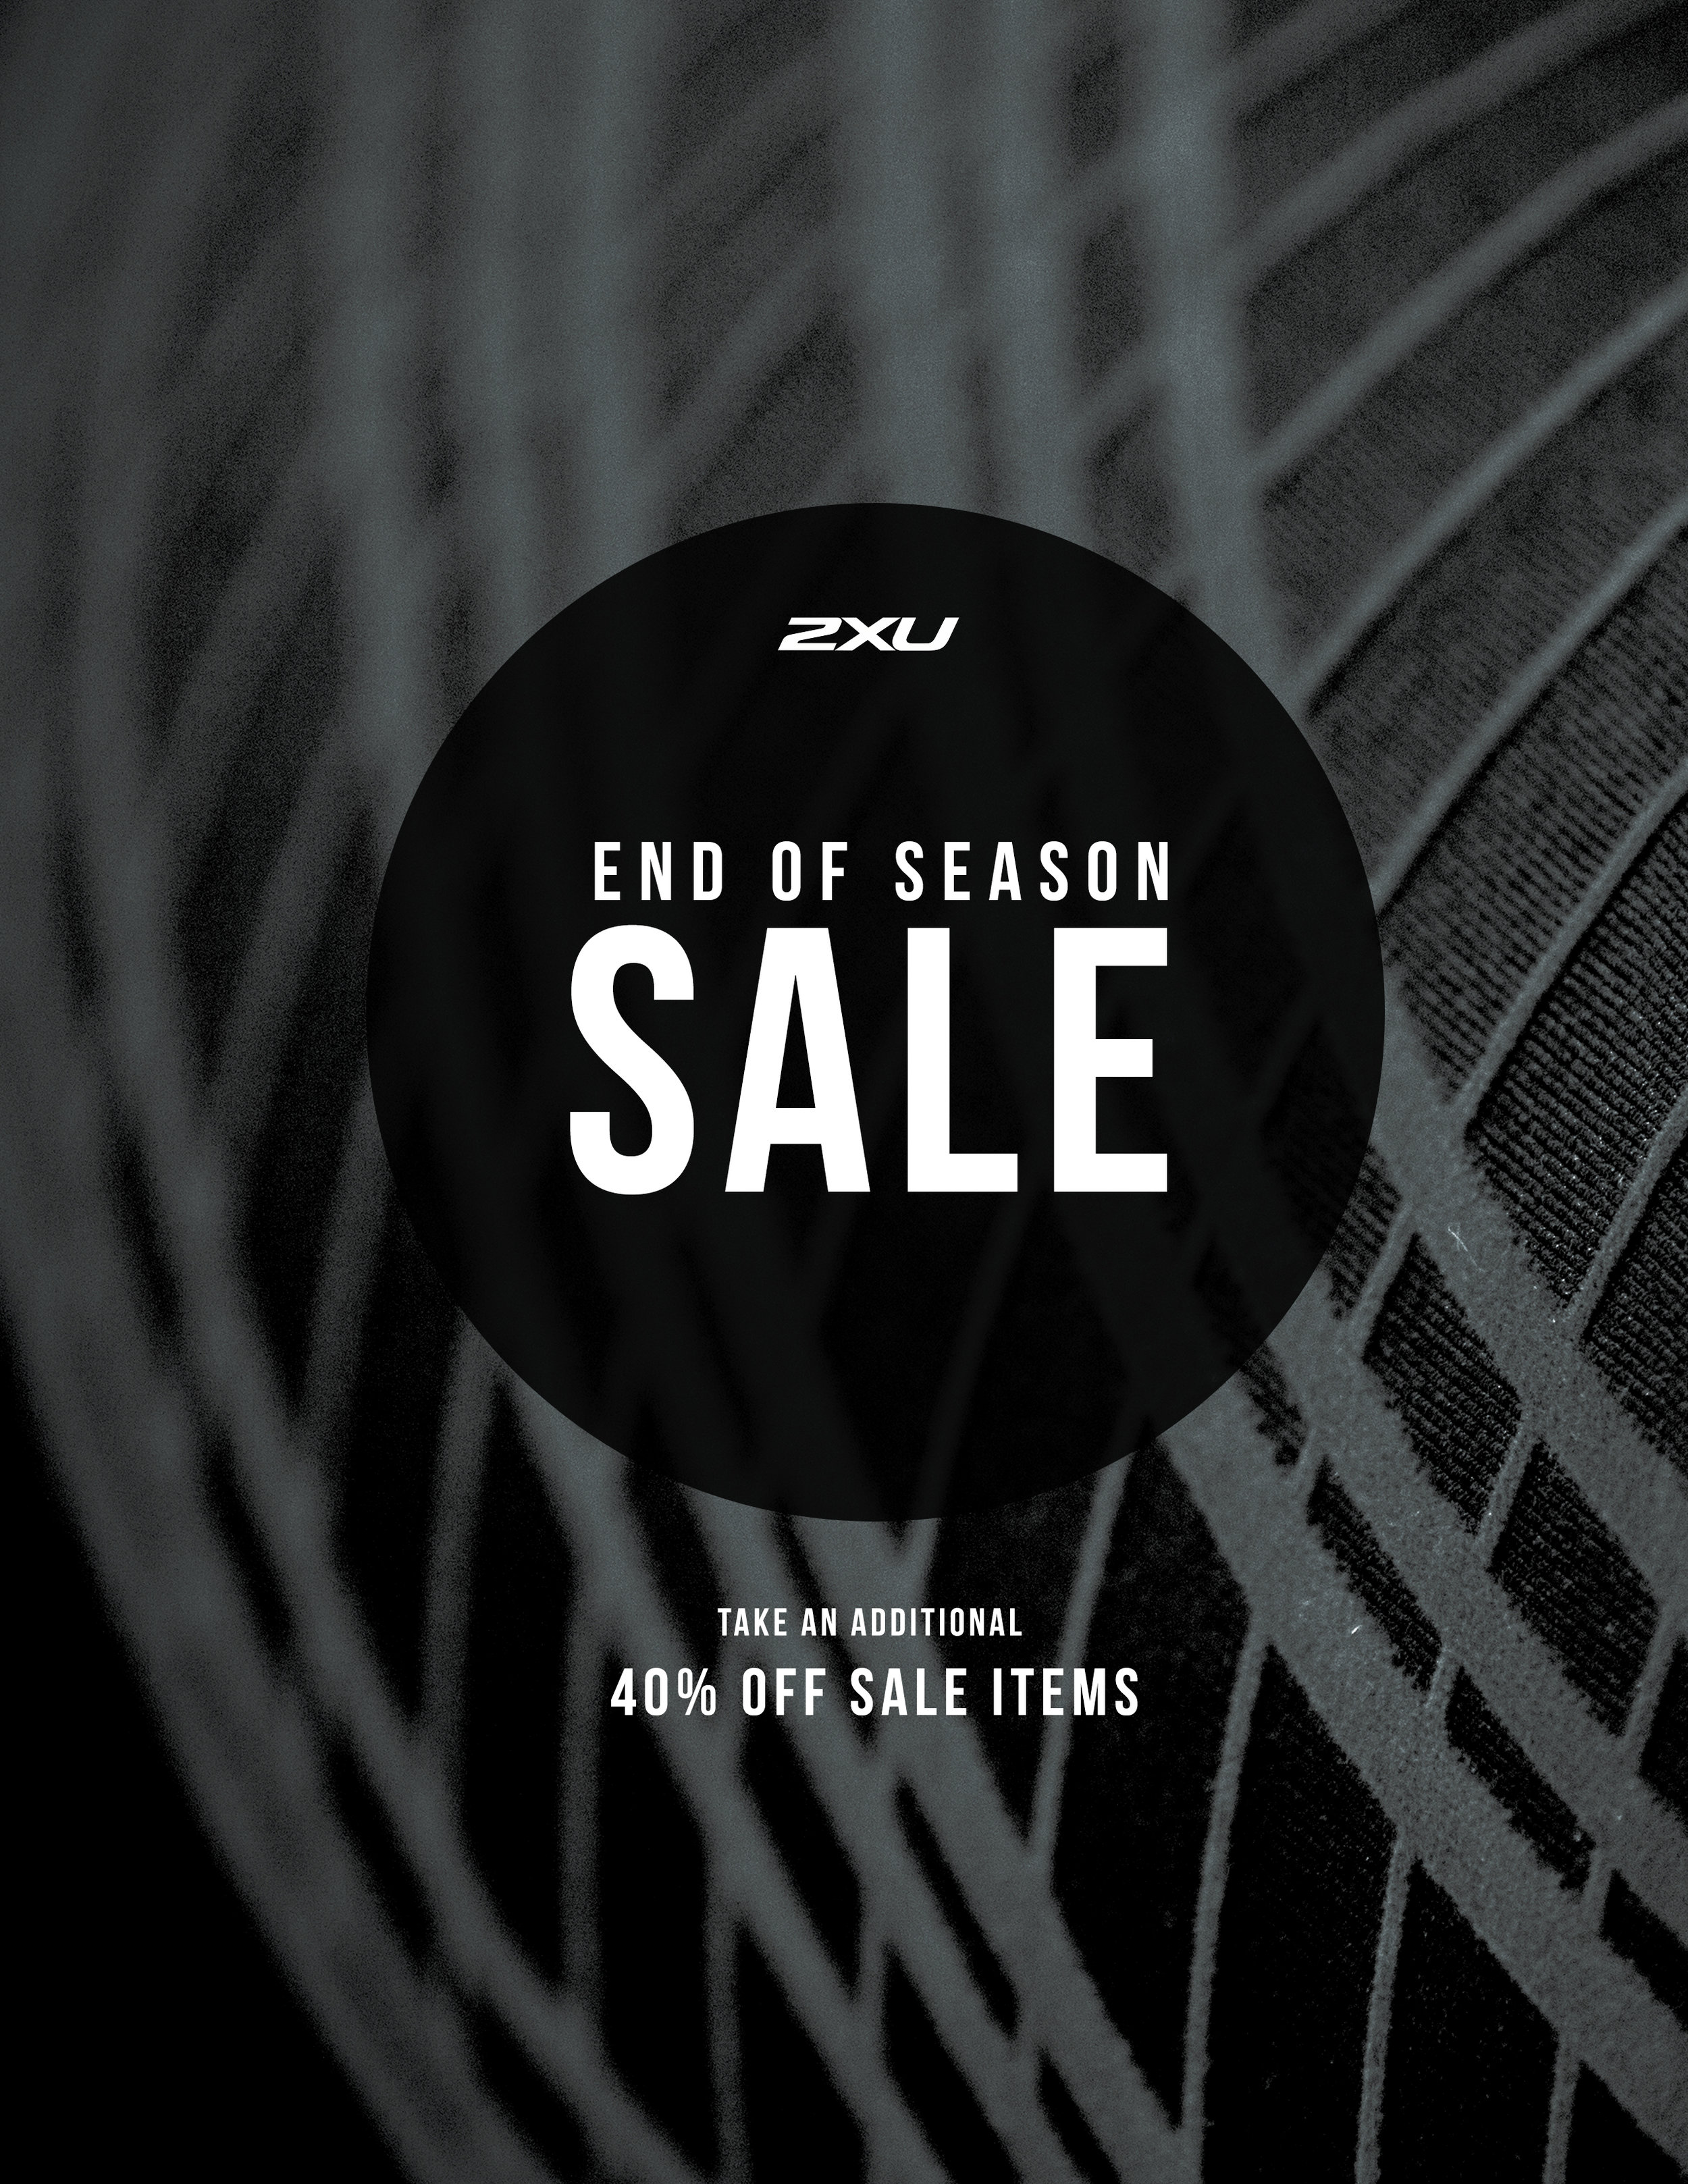 2XU-EOD-Sale.jpg